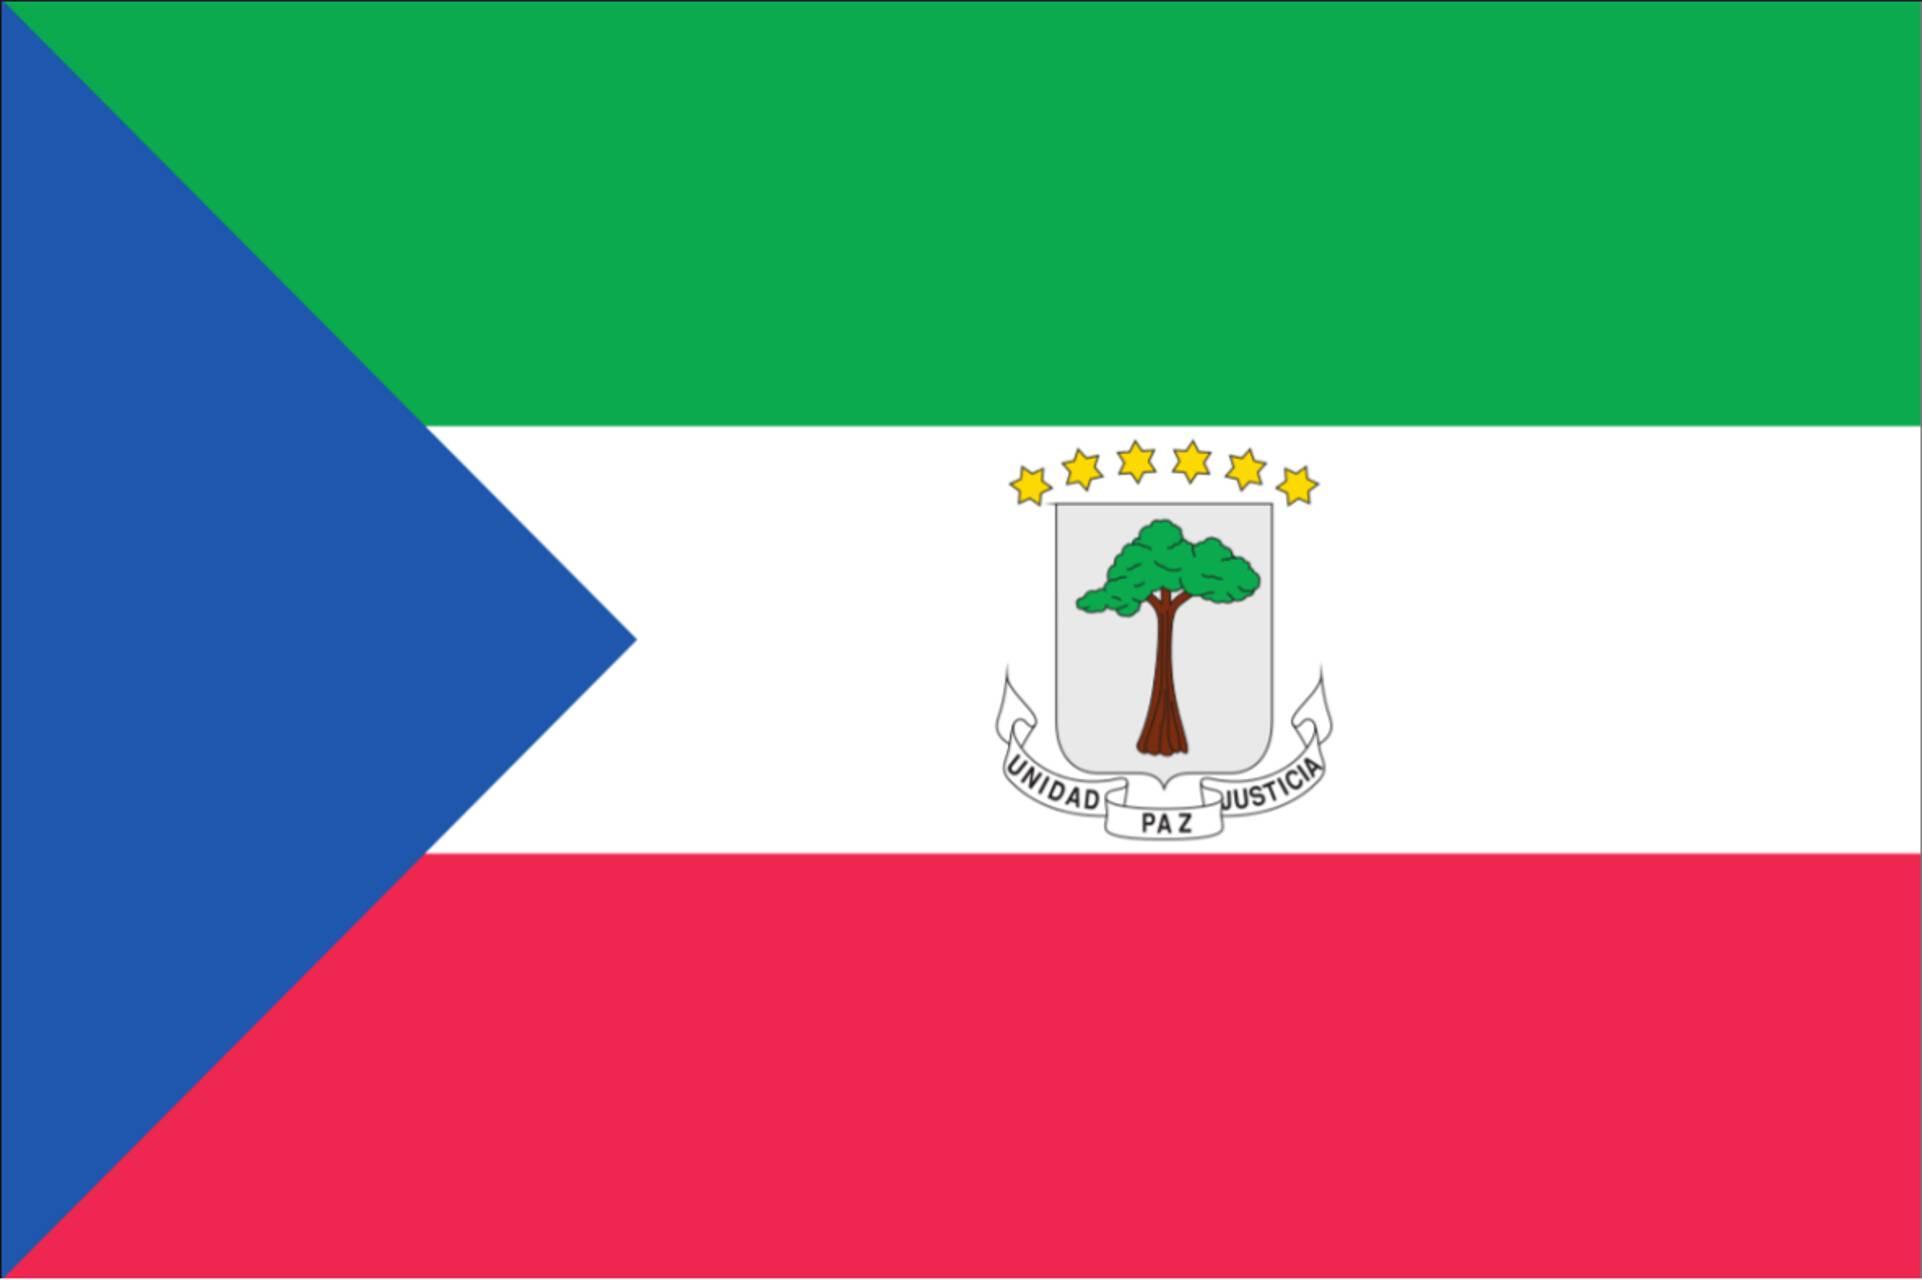 Flagge Äquatorialguinea 160 g/m² Querformat